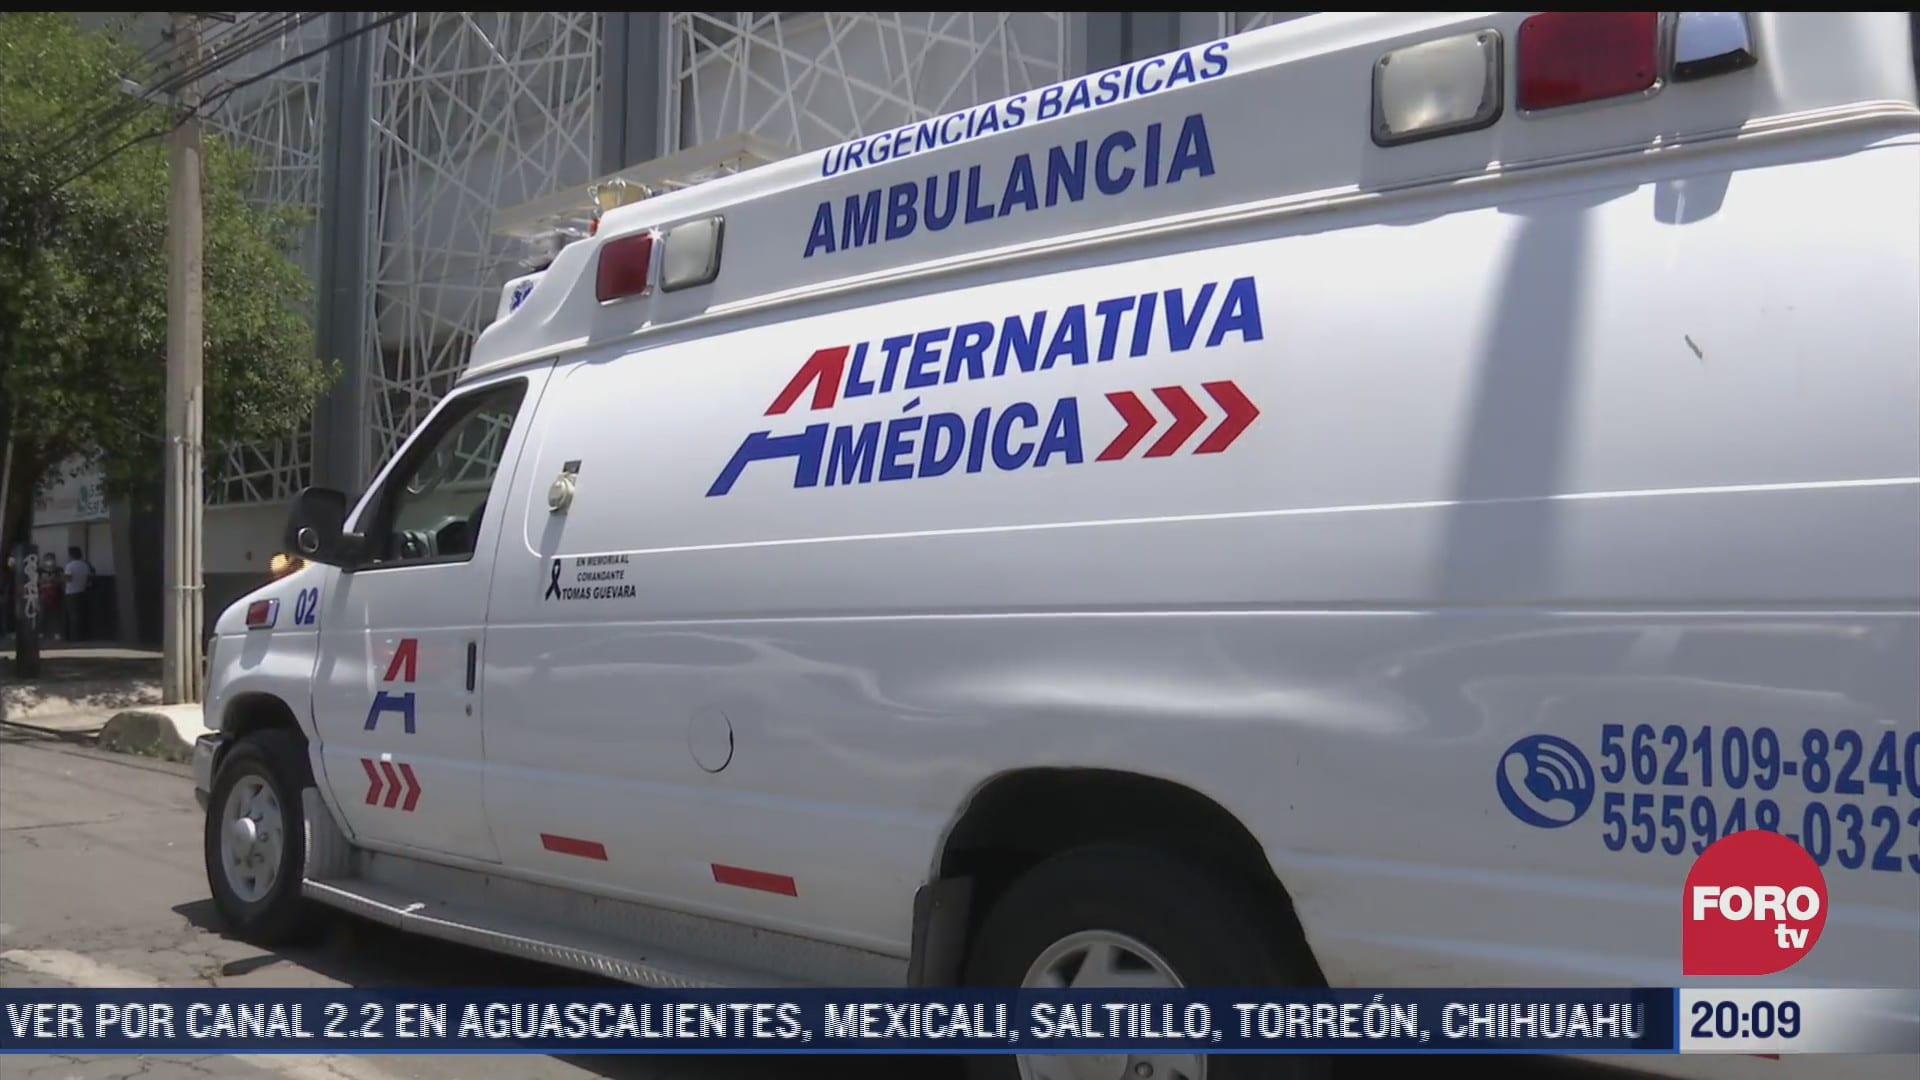 investigan presunta agresion sexual de paramedicos contra joven en cdmx